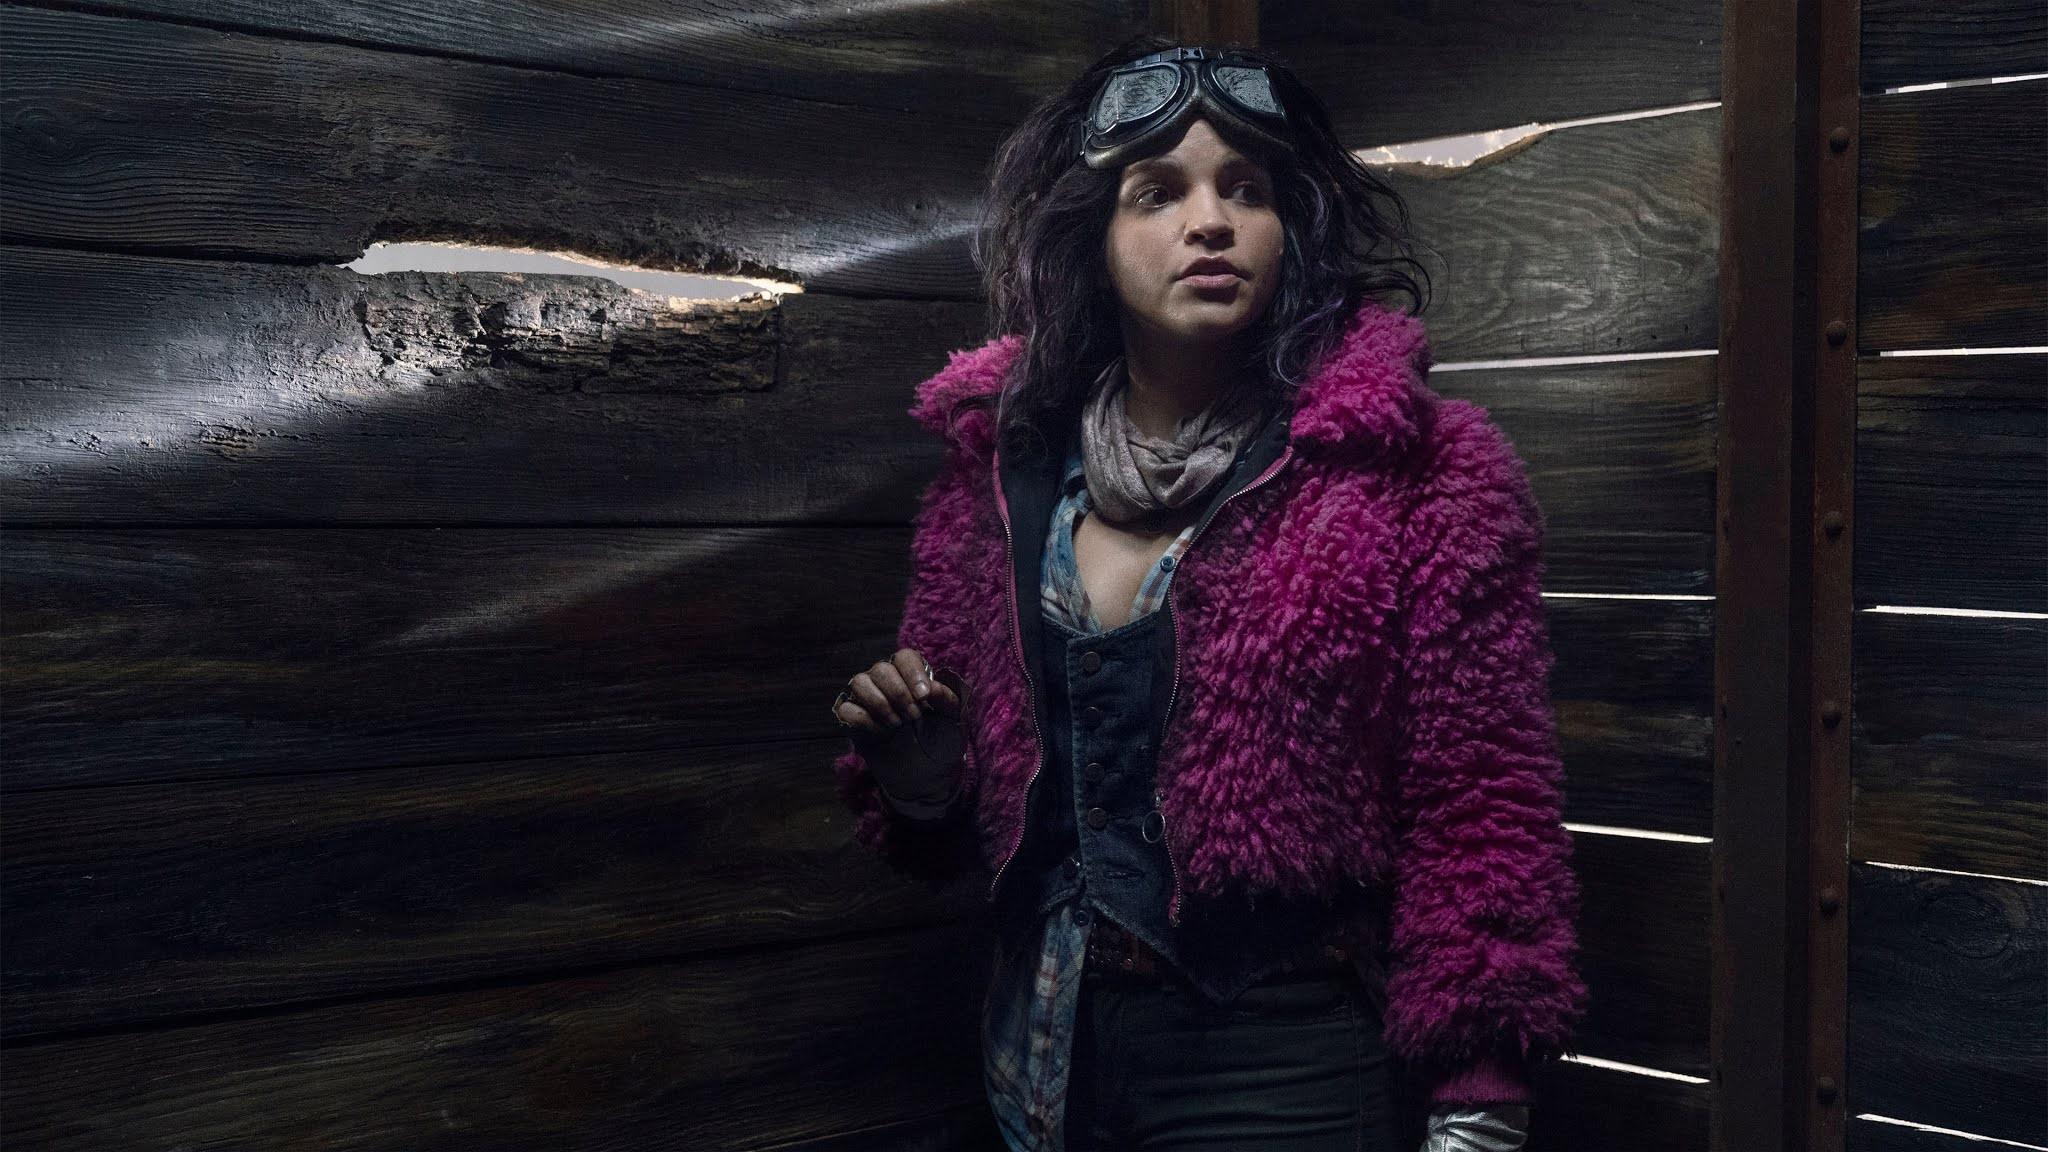 Juanita 'Princess' encerrada en un vagón en The Walking Dead